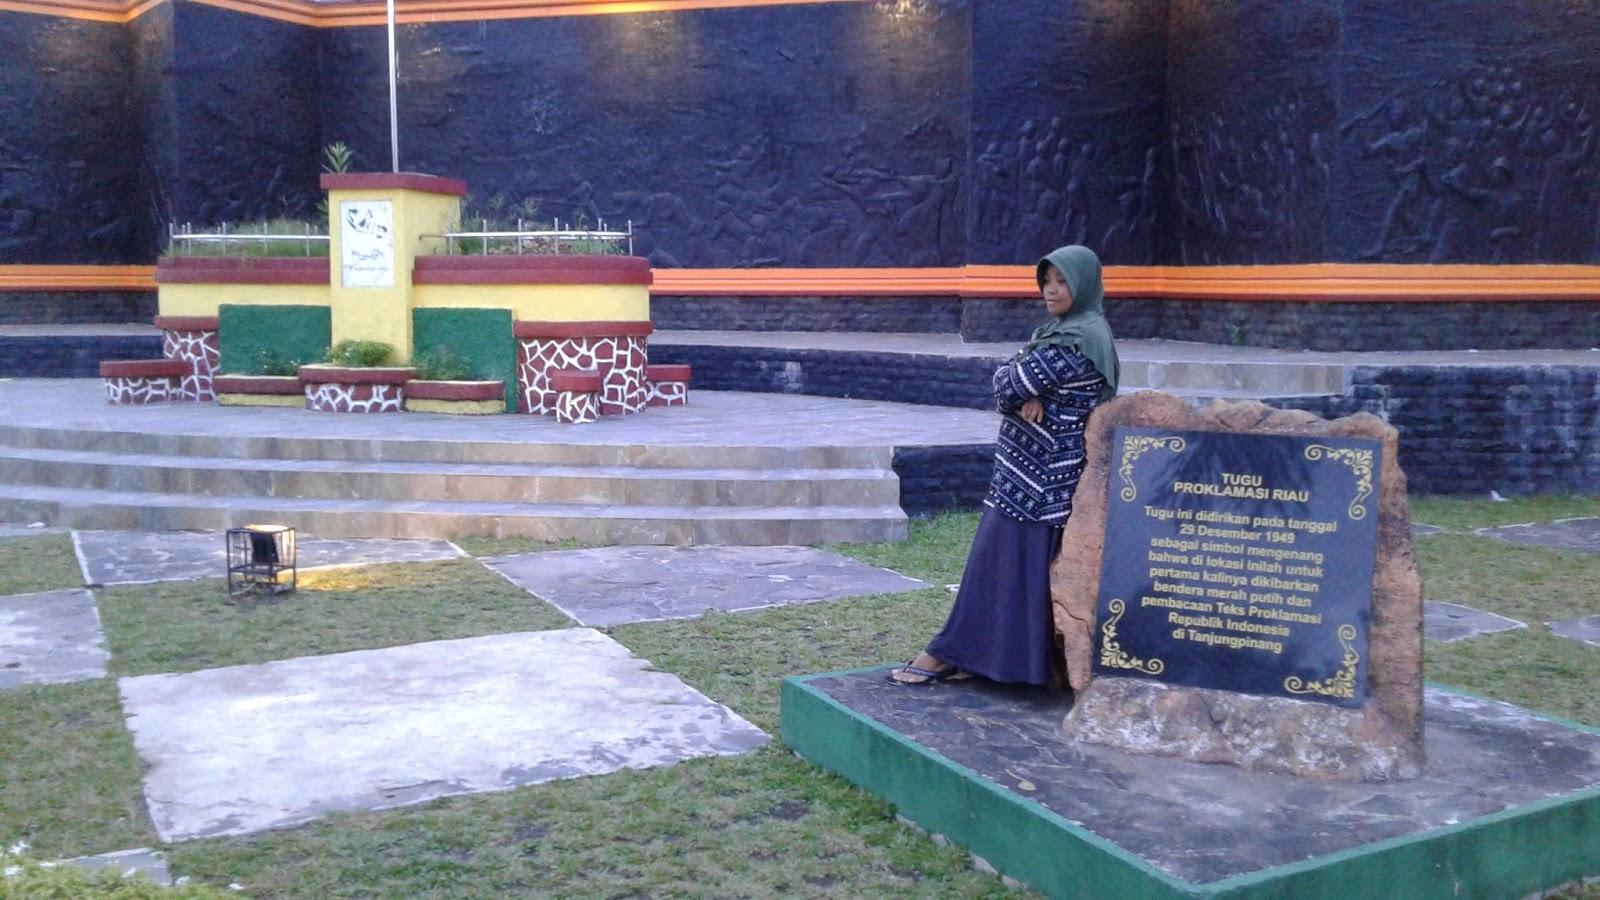 Sore Gedung Gonggong Tanjungpinang Narsih Asih Kota